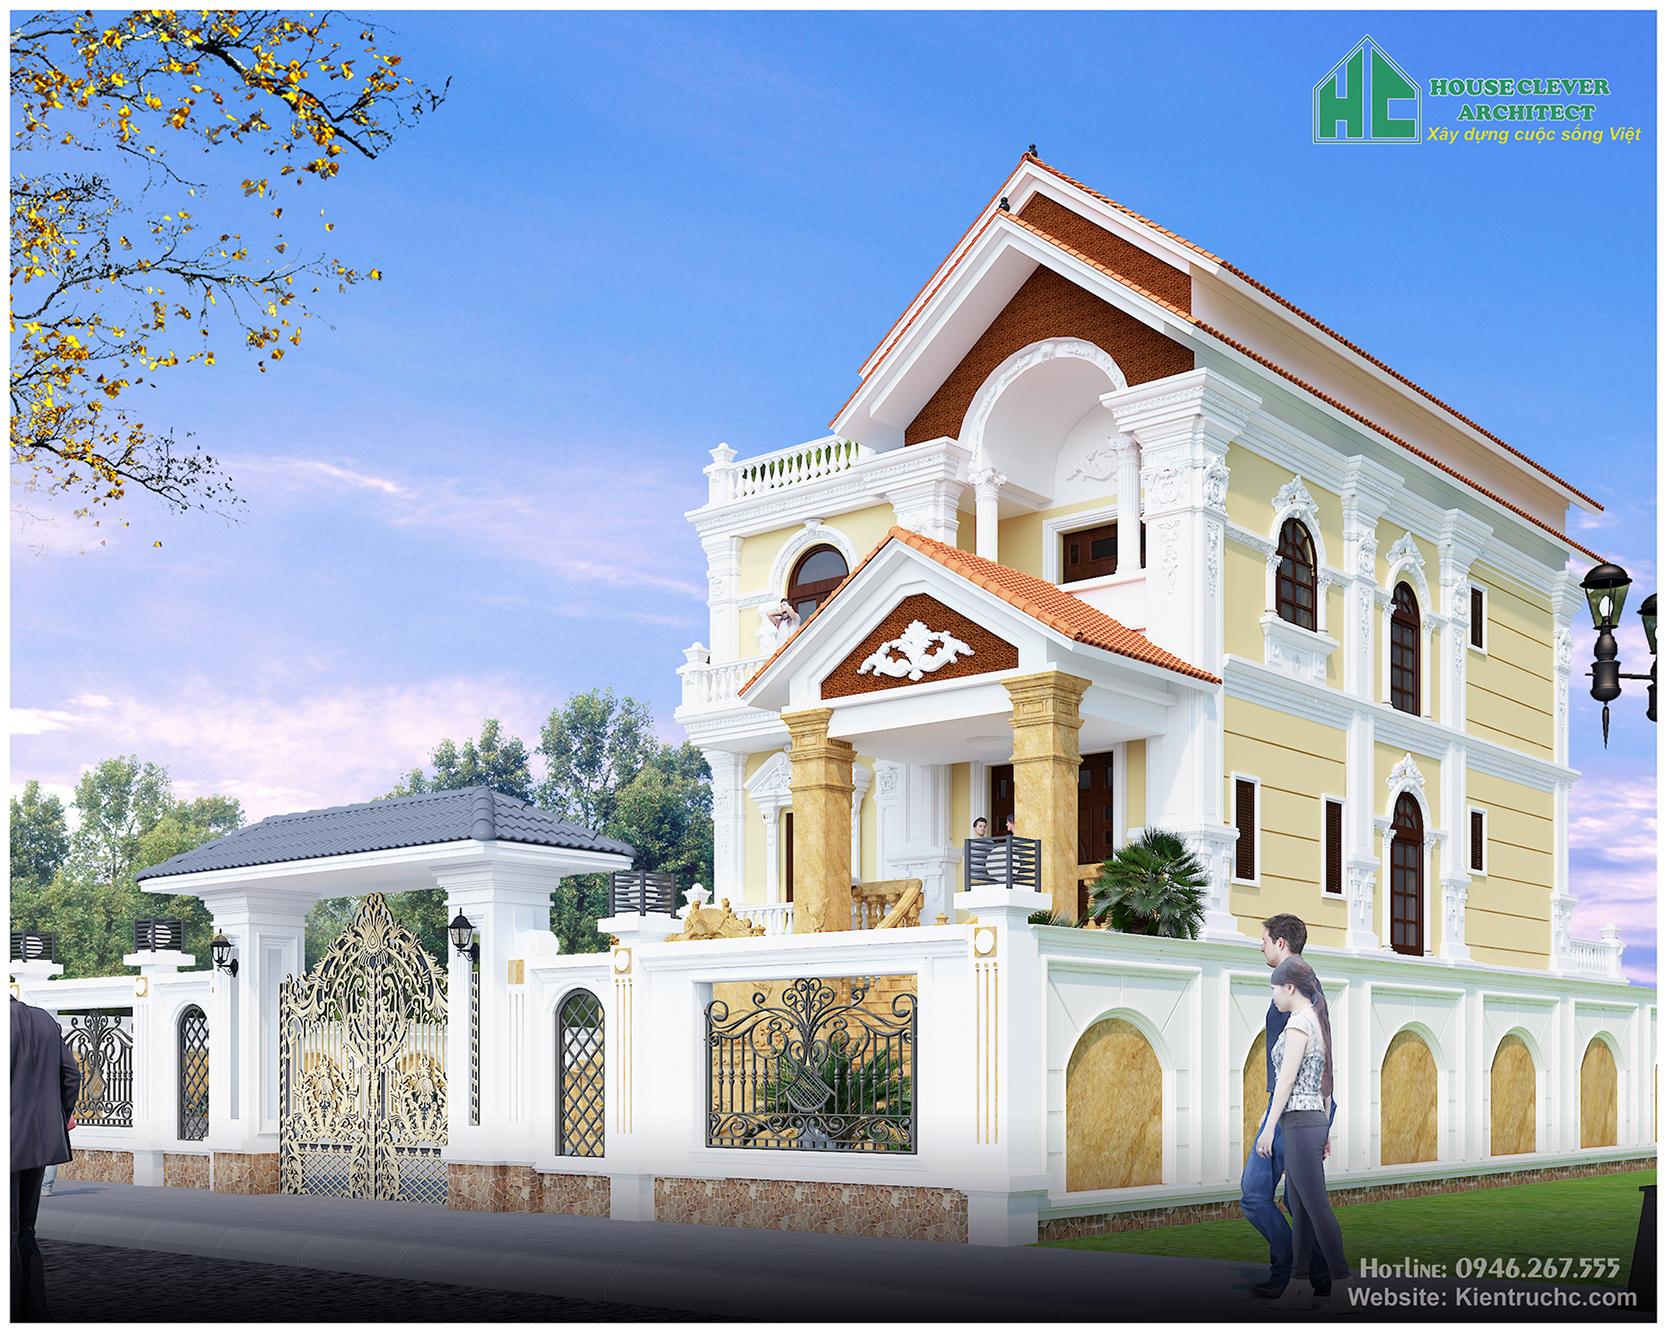 Thiết kế biệt thự nhà a Bắc thành phố Lào Cai